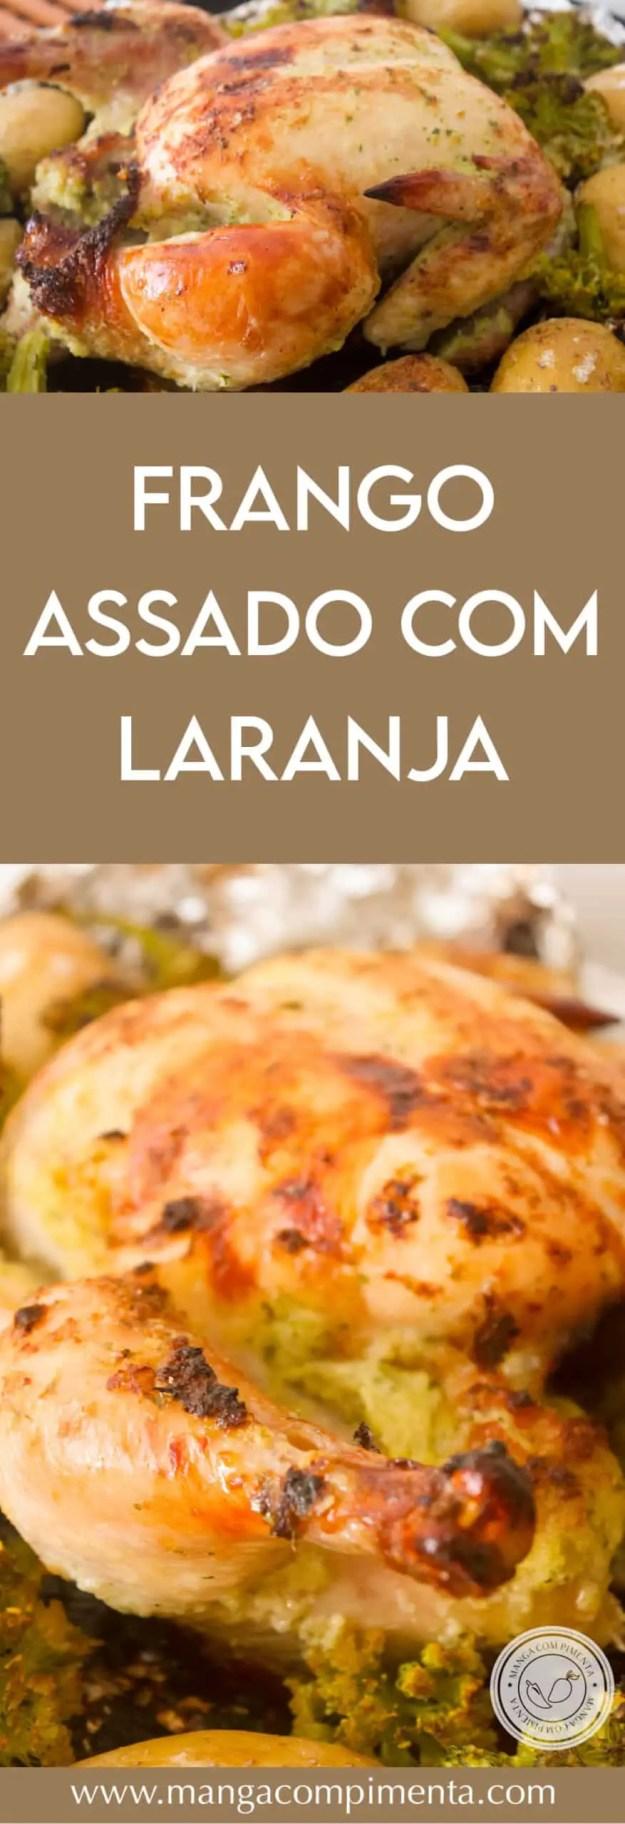 Receita de Frango Assado ao Suco de Laranja - para o almoço de final de semana com a família.